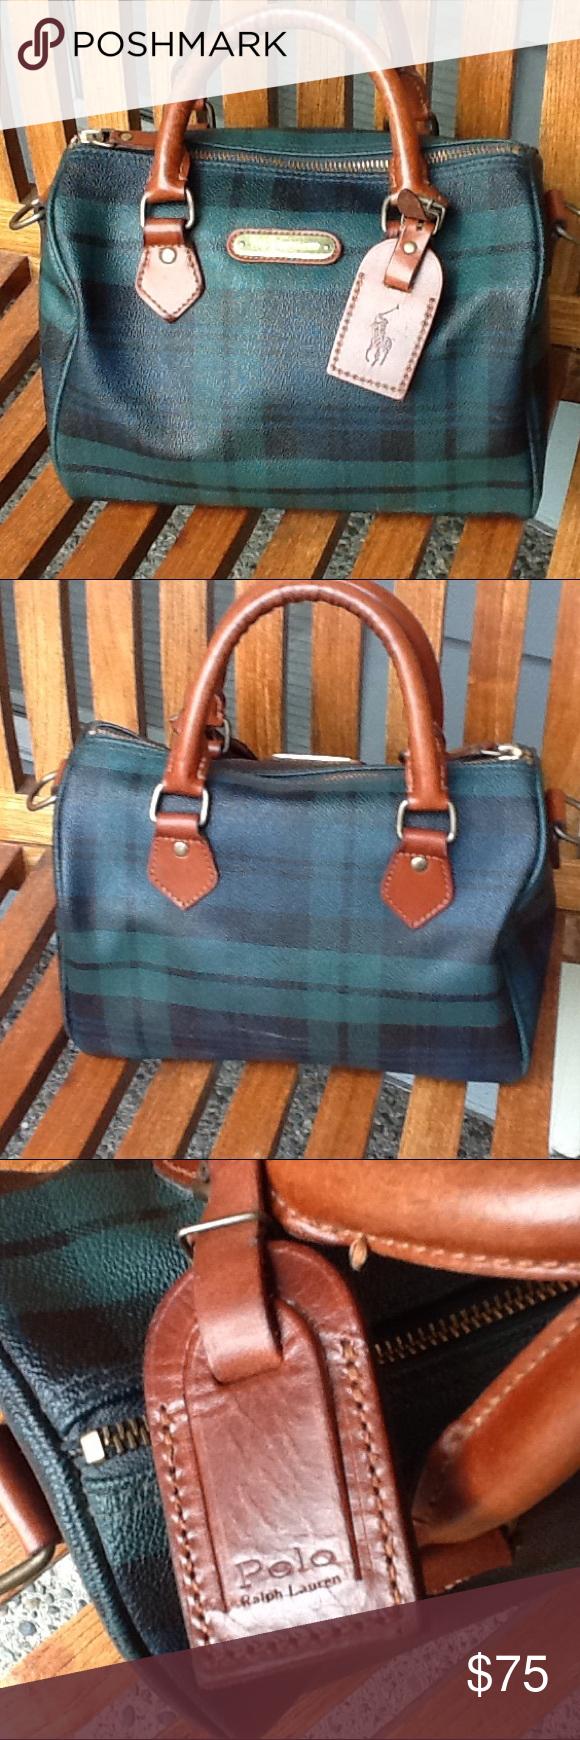 952d8e7fe05 Ralph Lauren Bags Vintage - Artistic Endeavours